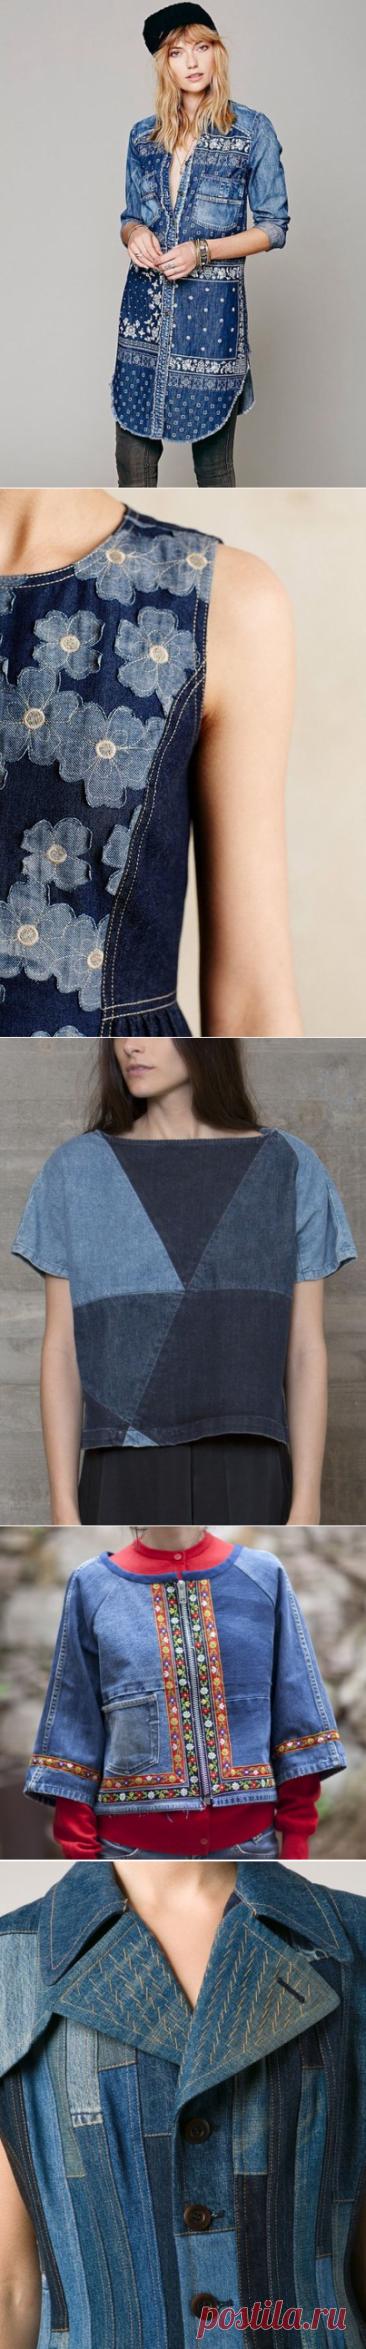 Своими руками (Творчество, Шитье, Выкройки)Идеи из джинсовой ткани. Переделки из джинсы